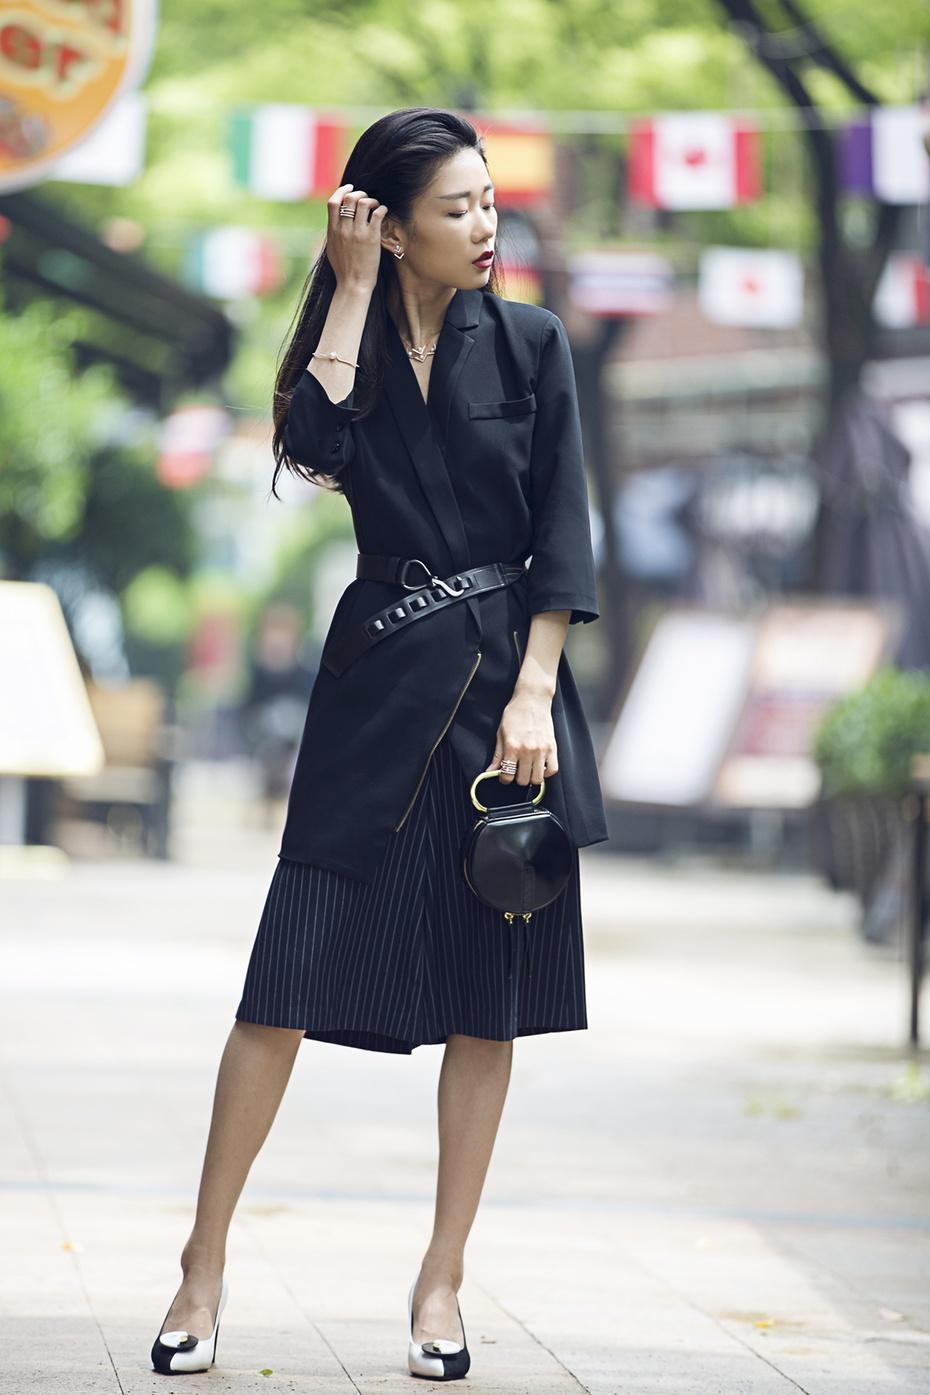 [Ava搭配周记]黑色,深不可测的神秘诱惑 - AvaFoo - Avas Fashion Blog